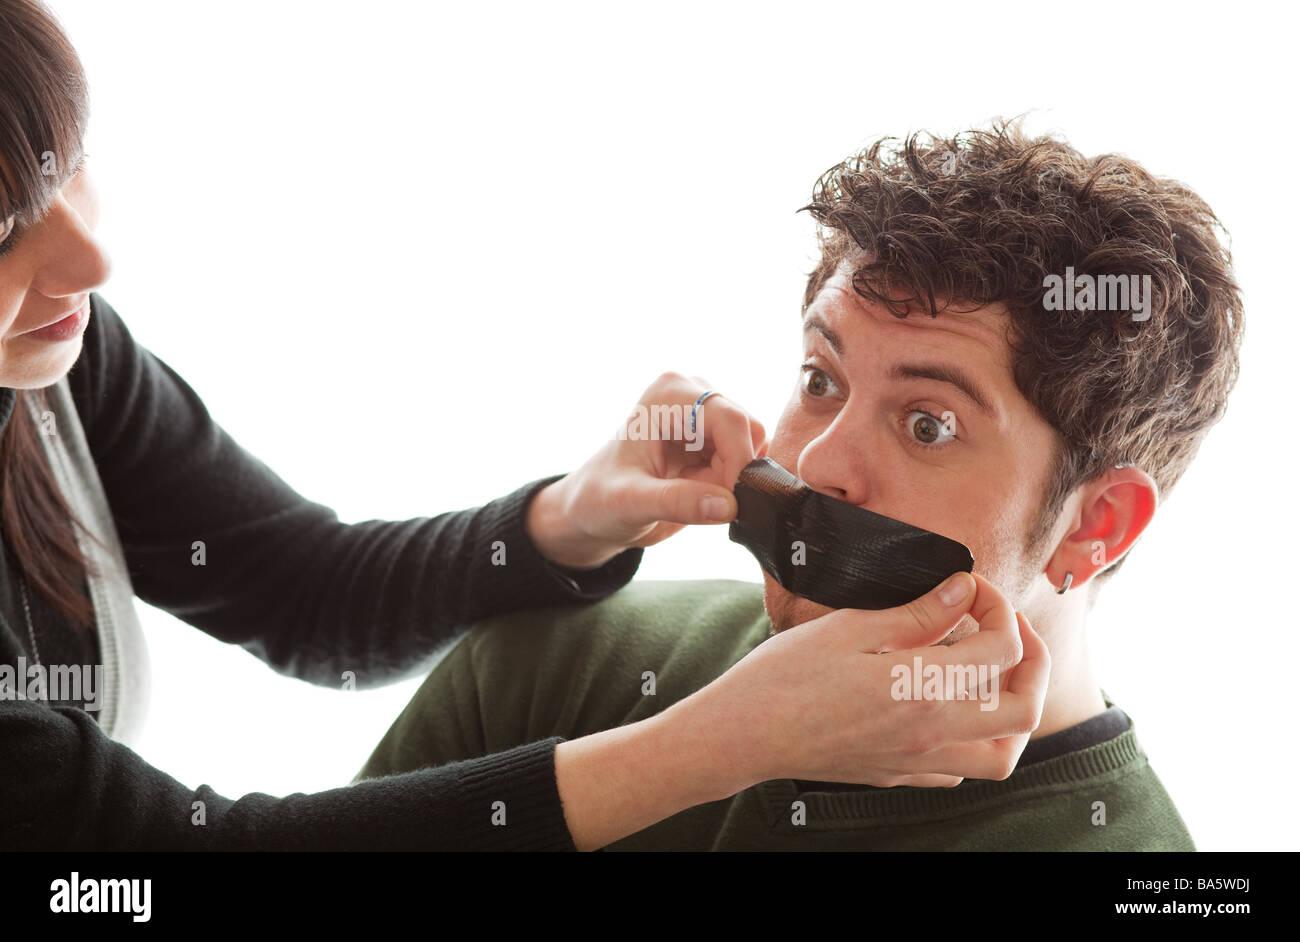 Mädchen jungen Mann s Mund ein Stück Gaffer-Tape aufkleben Stockfoto ...